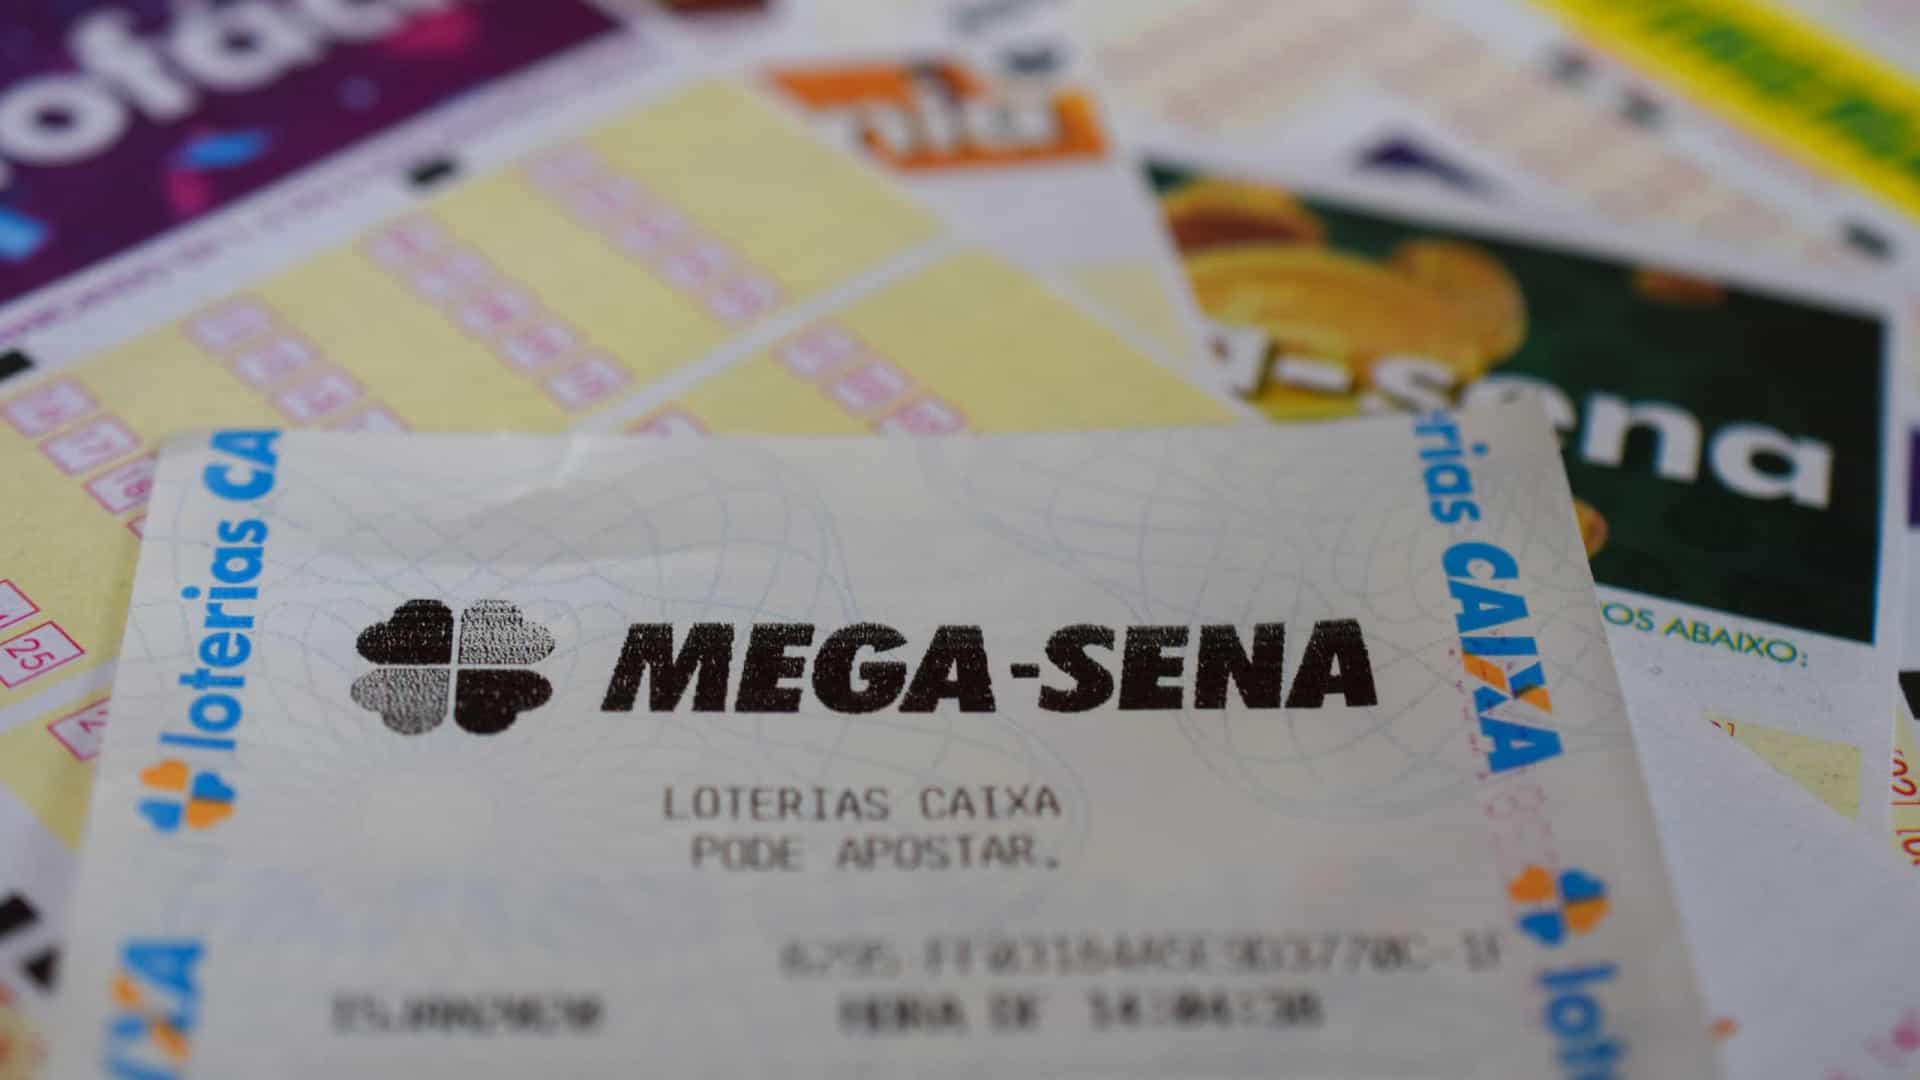 naom 5f3a65c4d76c5 - Mega-Sena sorteia nesta quarta-feira prêmio estimado em R$ 12 milhões